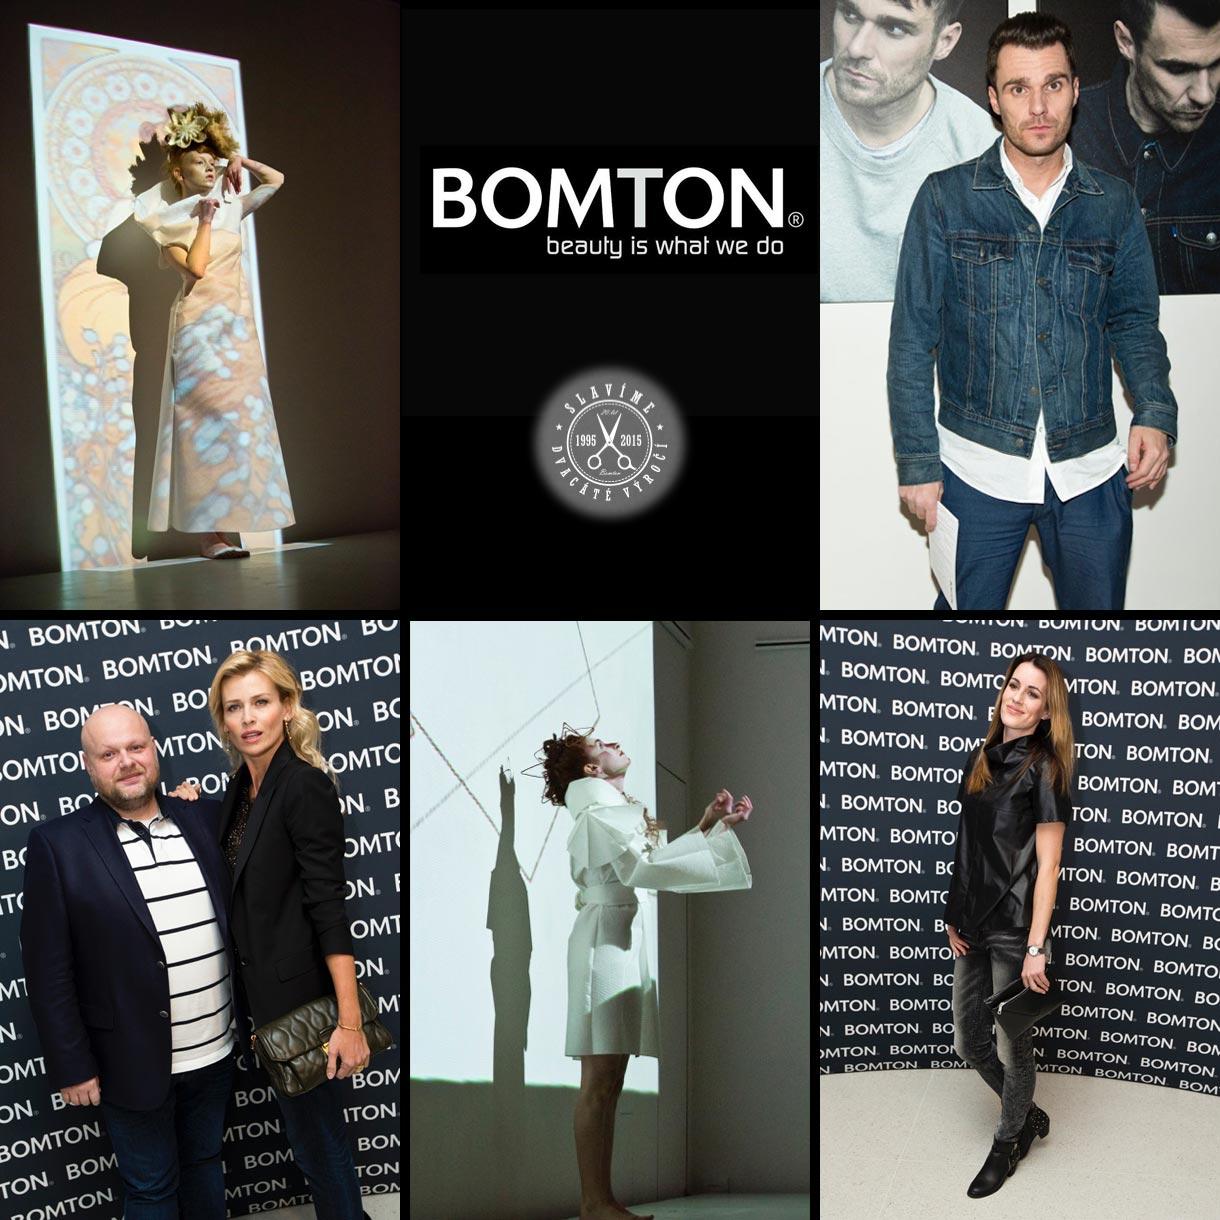 BOMTON slavil své dvacetiny za účasti mnoha známých tváří. Znáte všechny služby studia BOMTON? Za 20. let jich není málo!